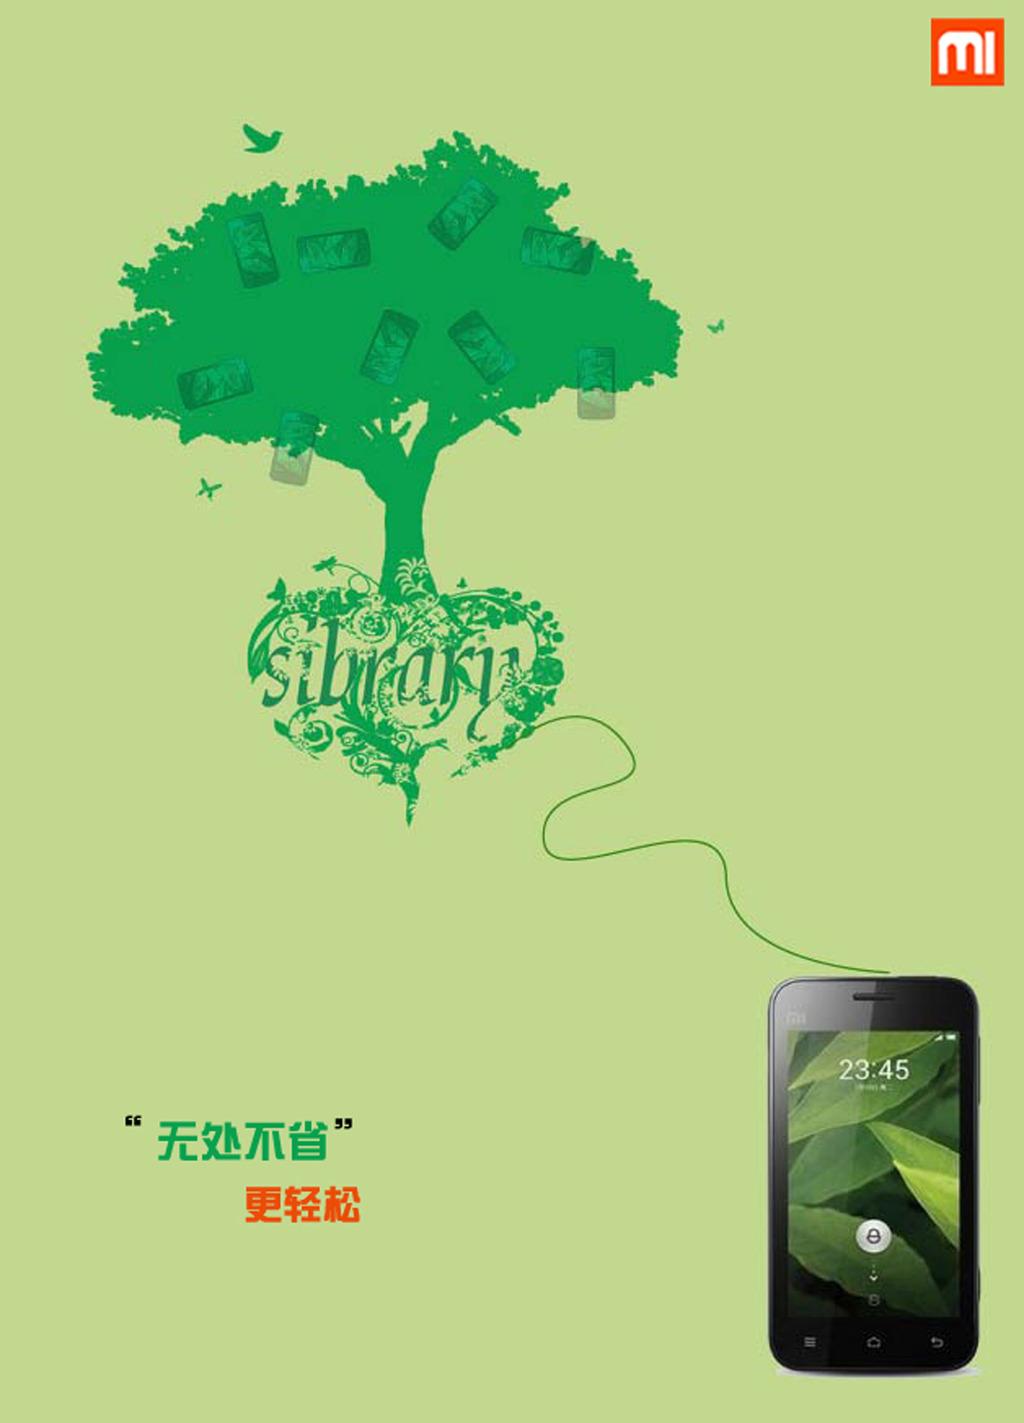 手机海报模板下载 手机海报图片下载